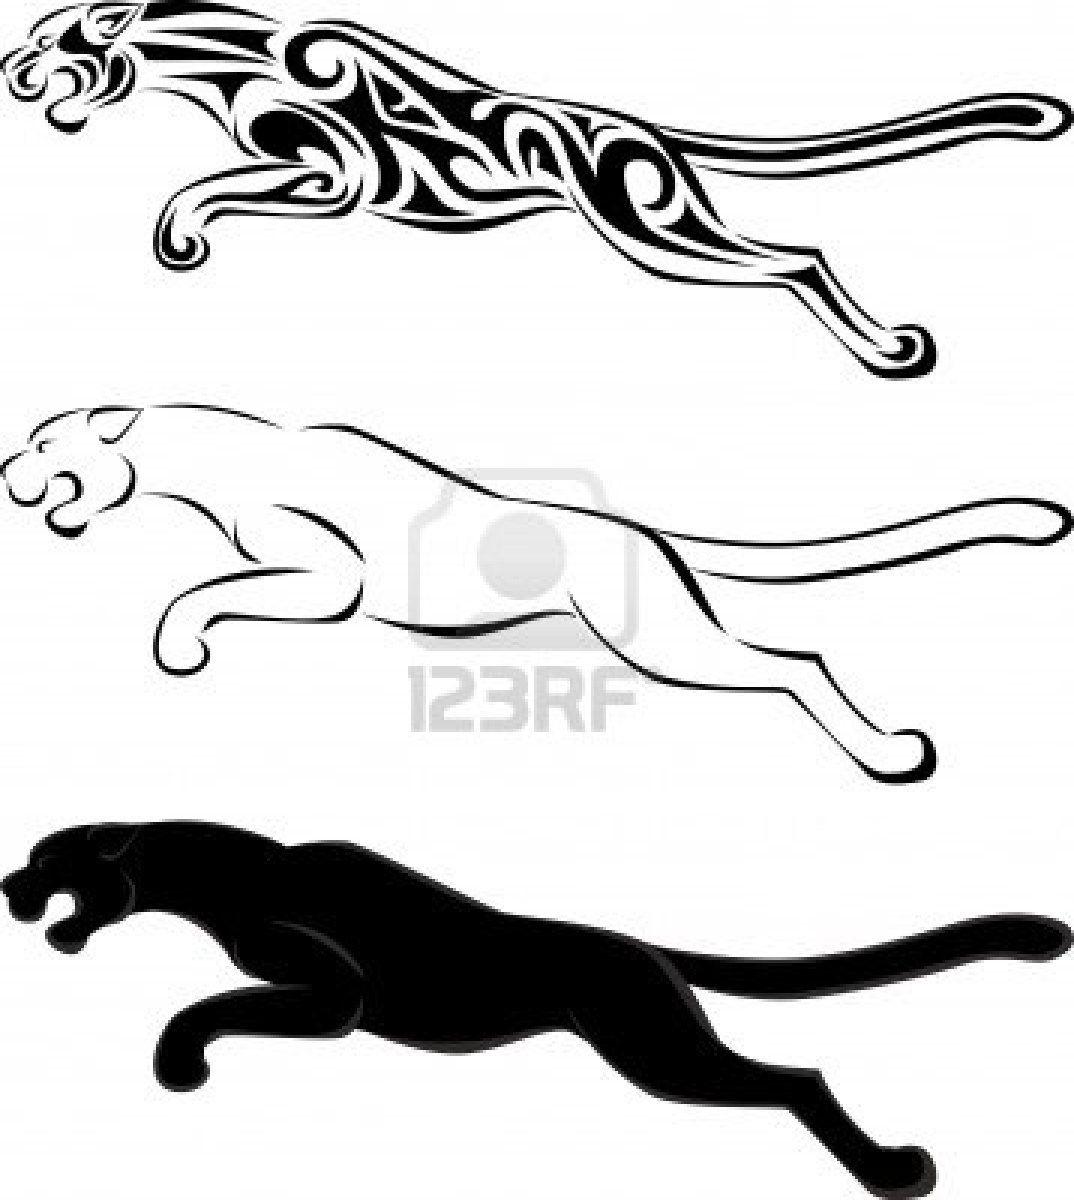 Jaguar Tattoos Designs Cliparts Vectors Free Download Tattoo 29255 Jaguar Tribal Tattoo Silhouette Tattoos Tribal Tattoos Jaguar Tattoo